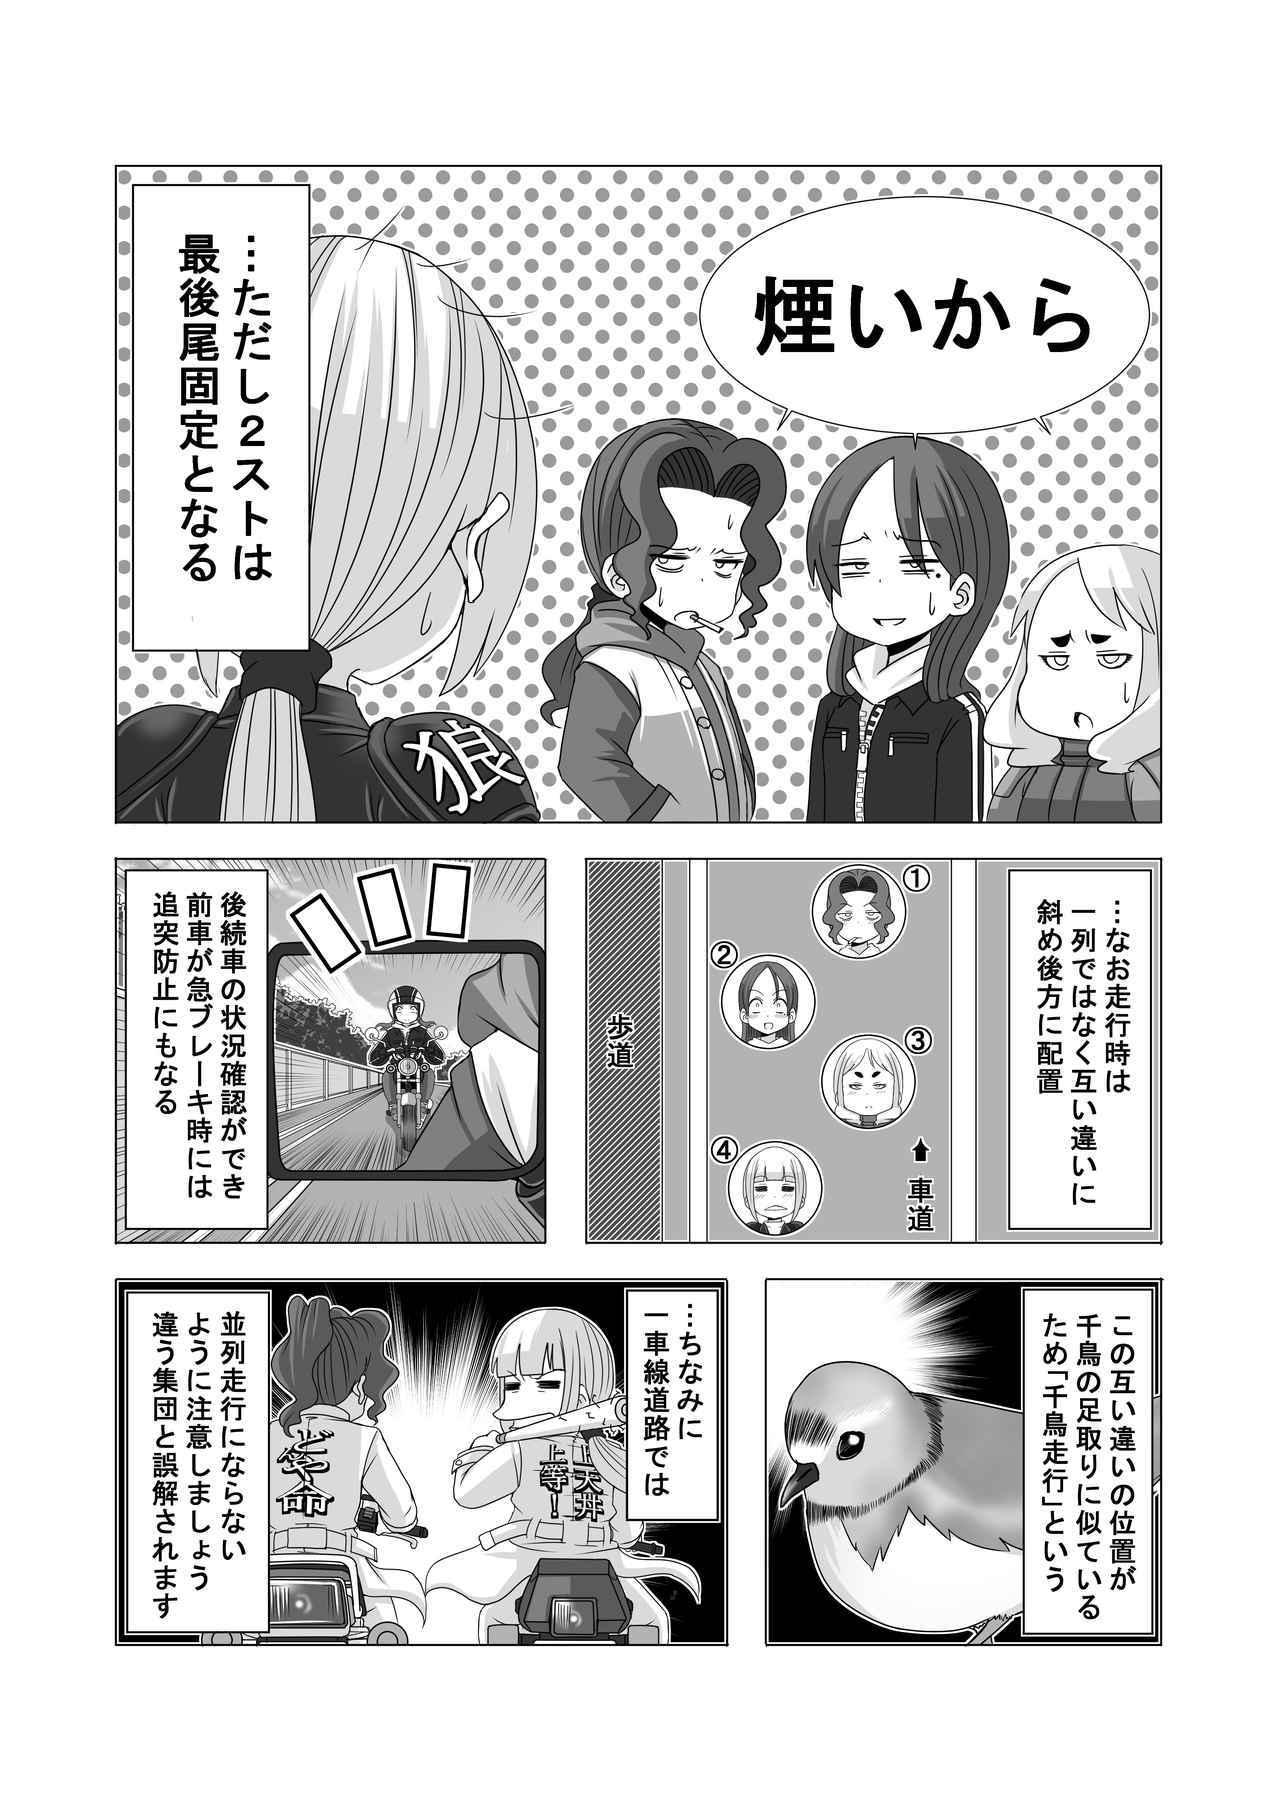 画像3: 【連載】馬場郁子がこよなくバイクを愛す理由(第十七話:あの頃を思い出せるワケ)作:鈴木秀吉